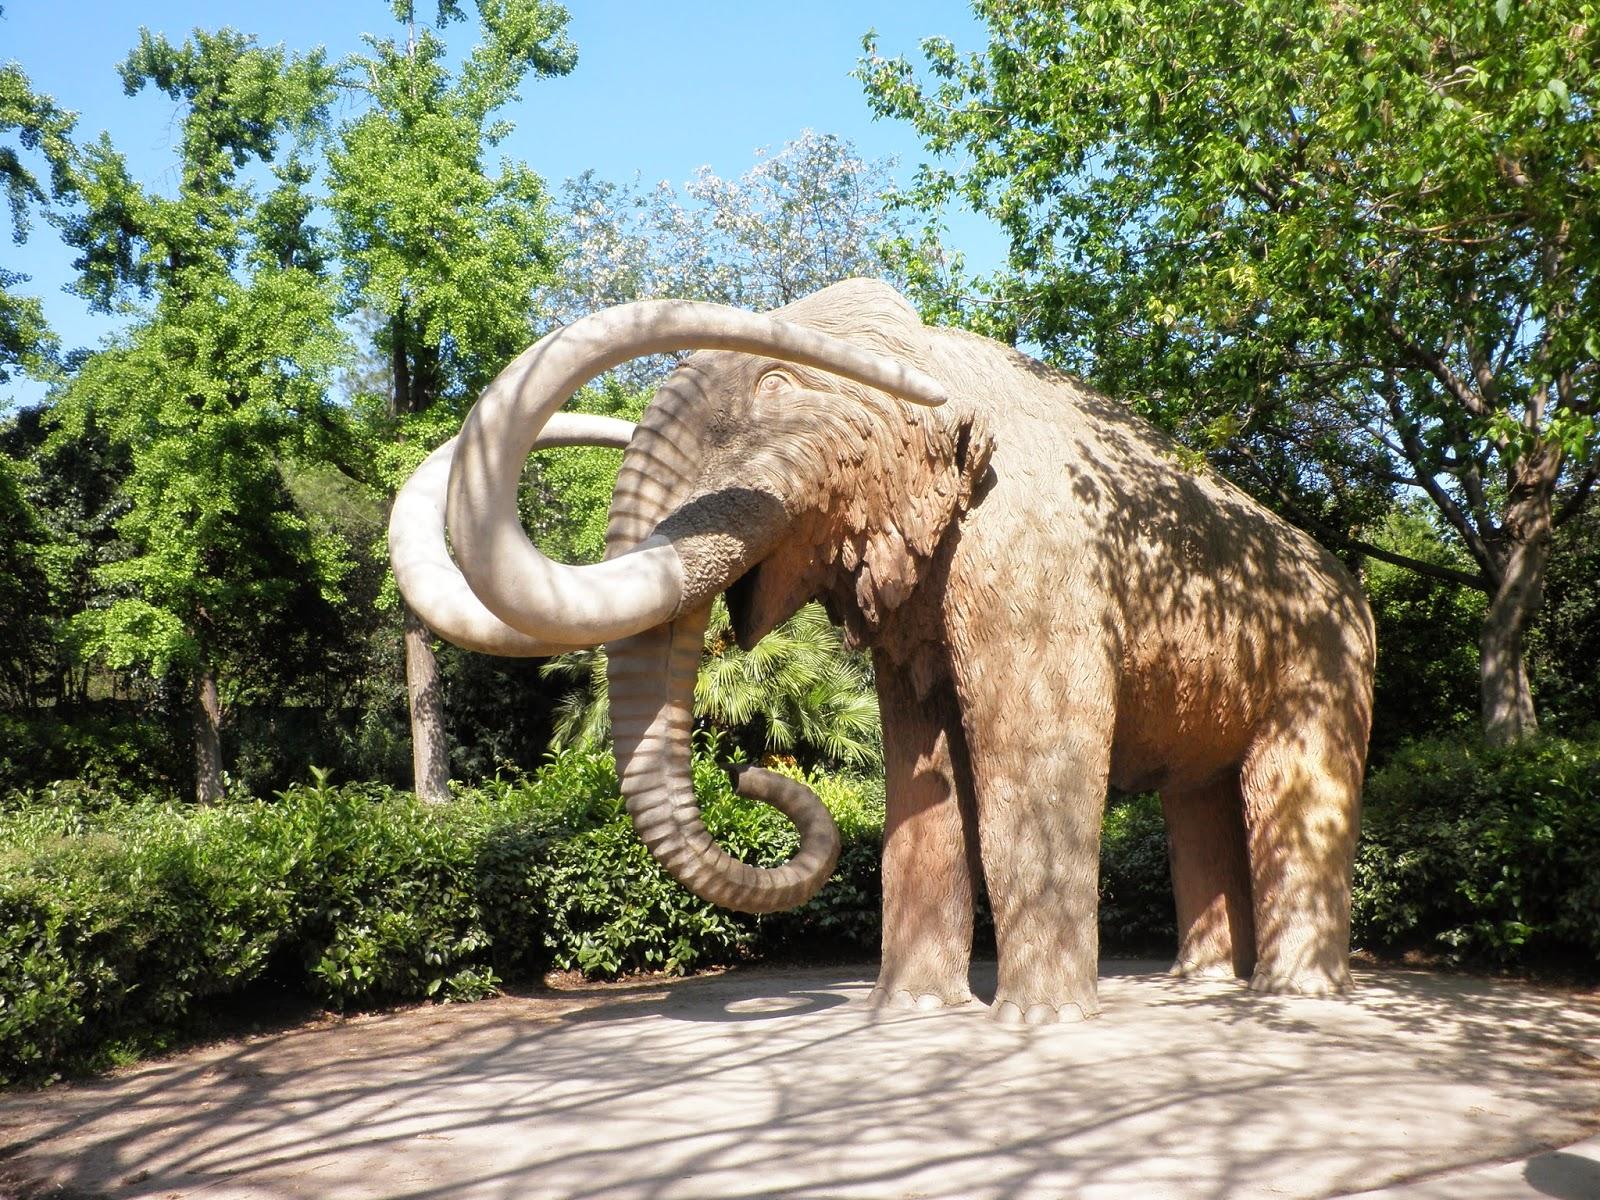 Elefante Parc de la Ciutadella, Barcellona